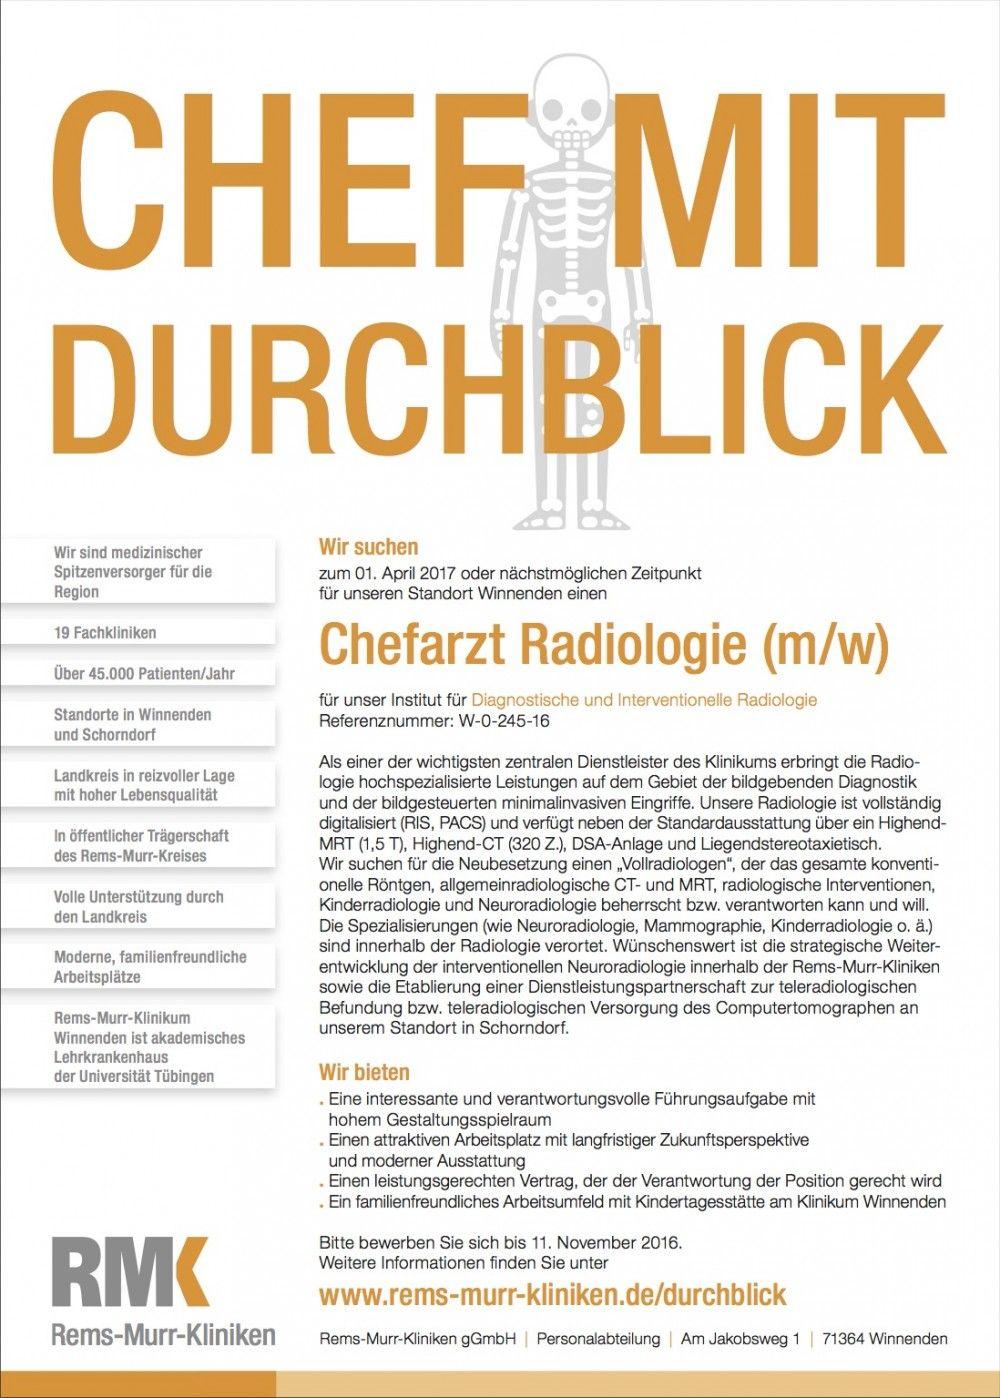 """BIG CREATION: """"Chef mit Durchblick"""", von Rems-Murr-Kliniken gGmbH/W52 Marketing Kommunikation GmbH"""